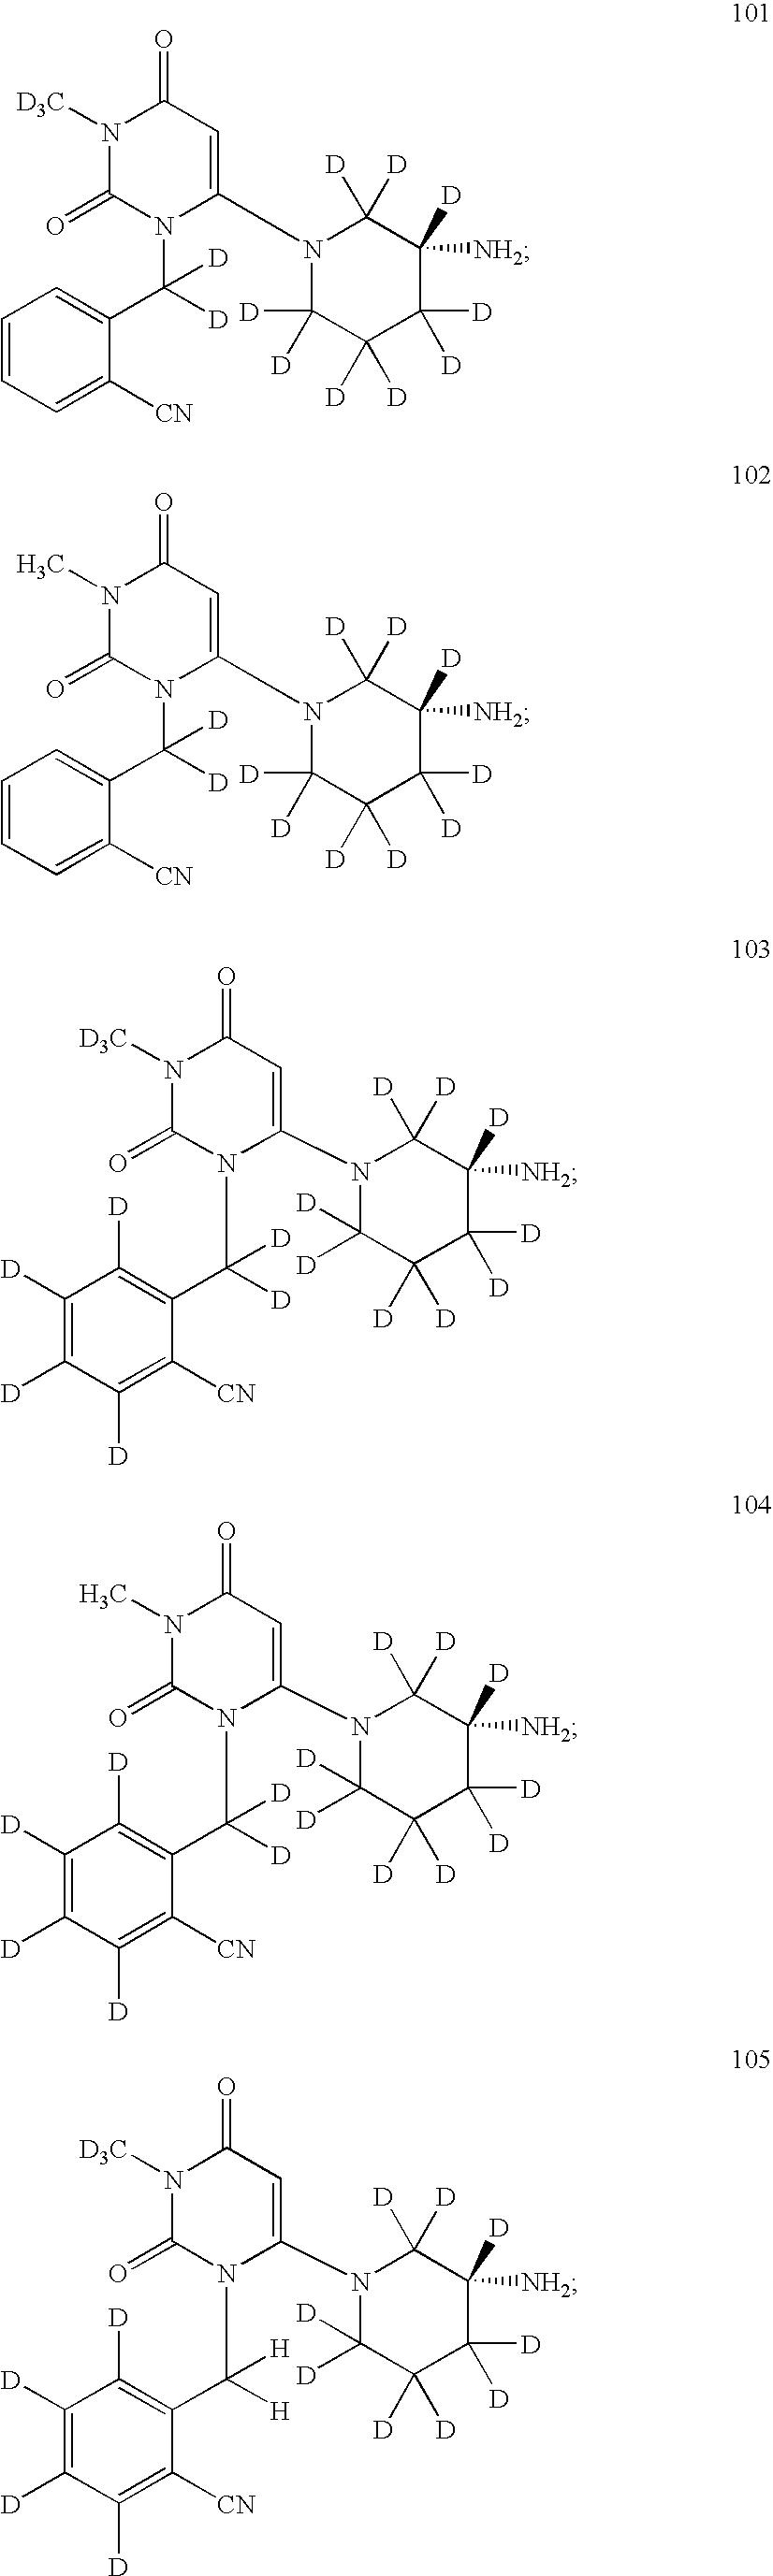 Figure US20090137457A1-20090528-C00003